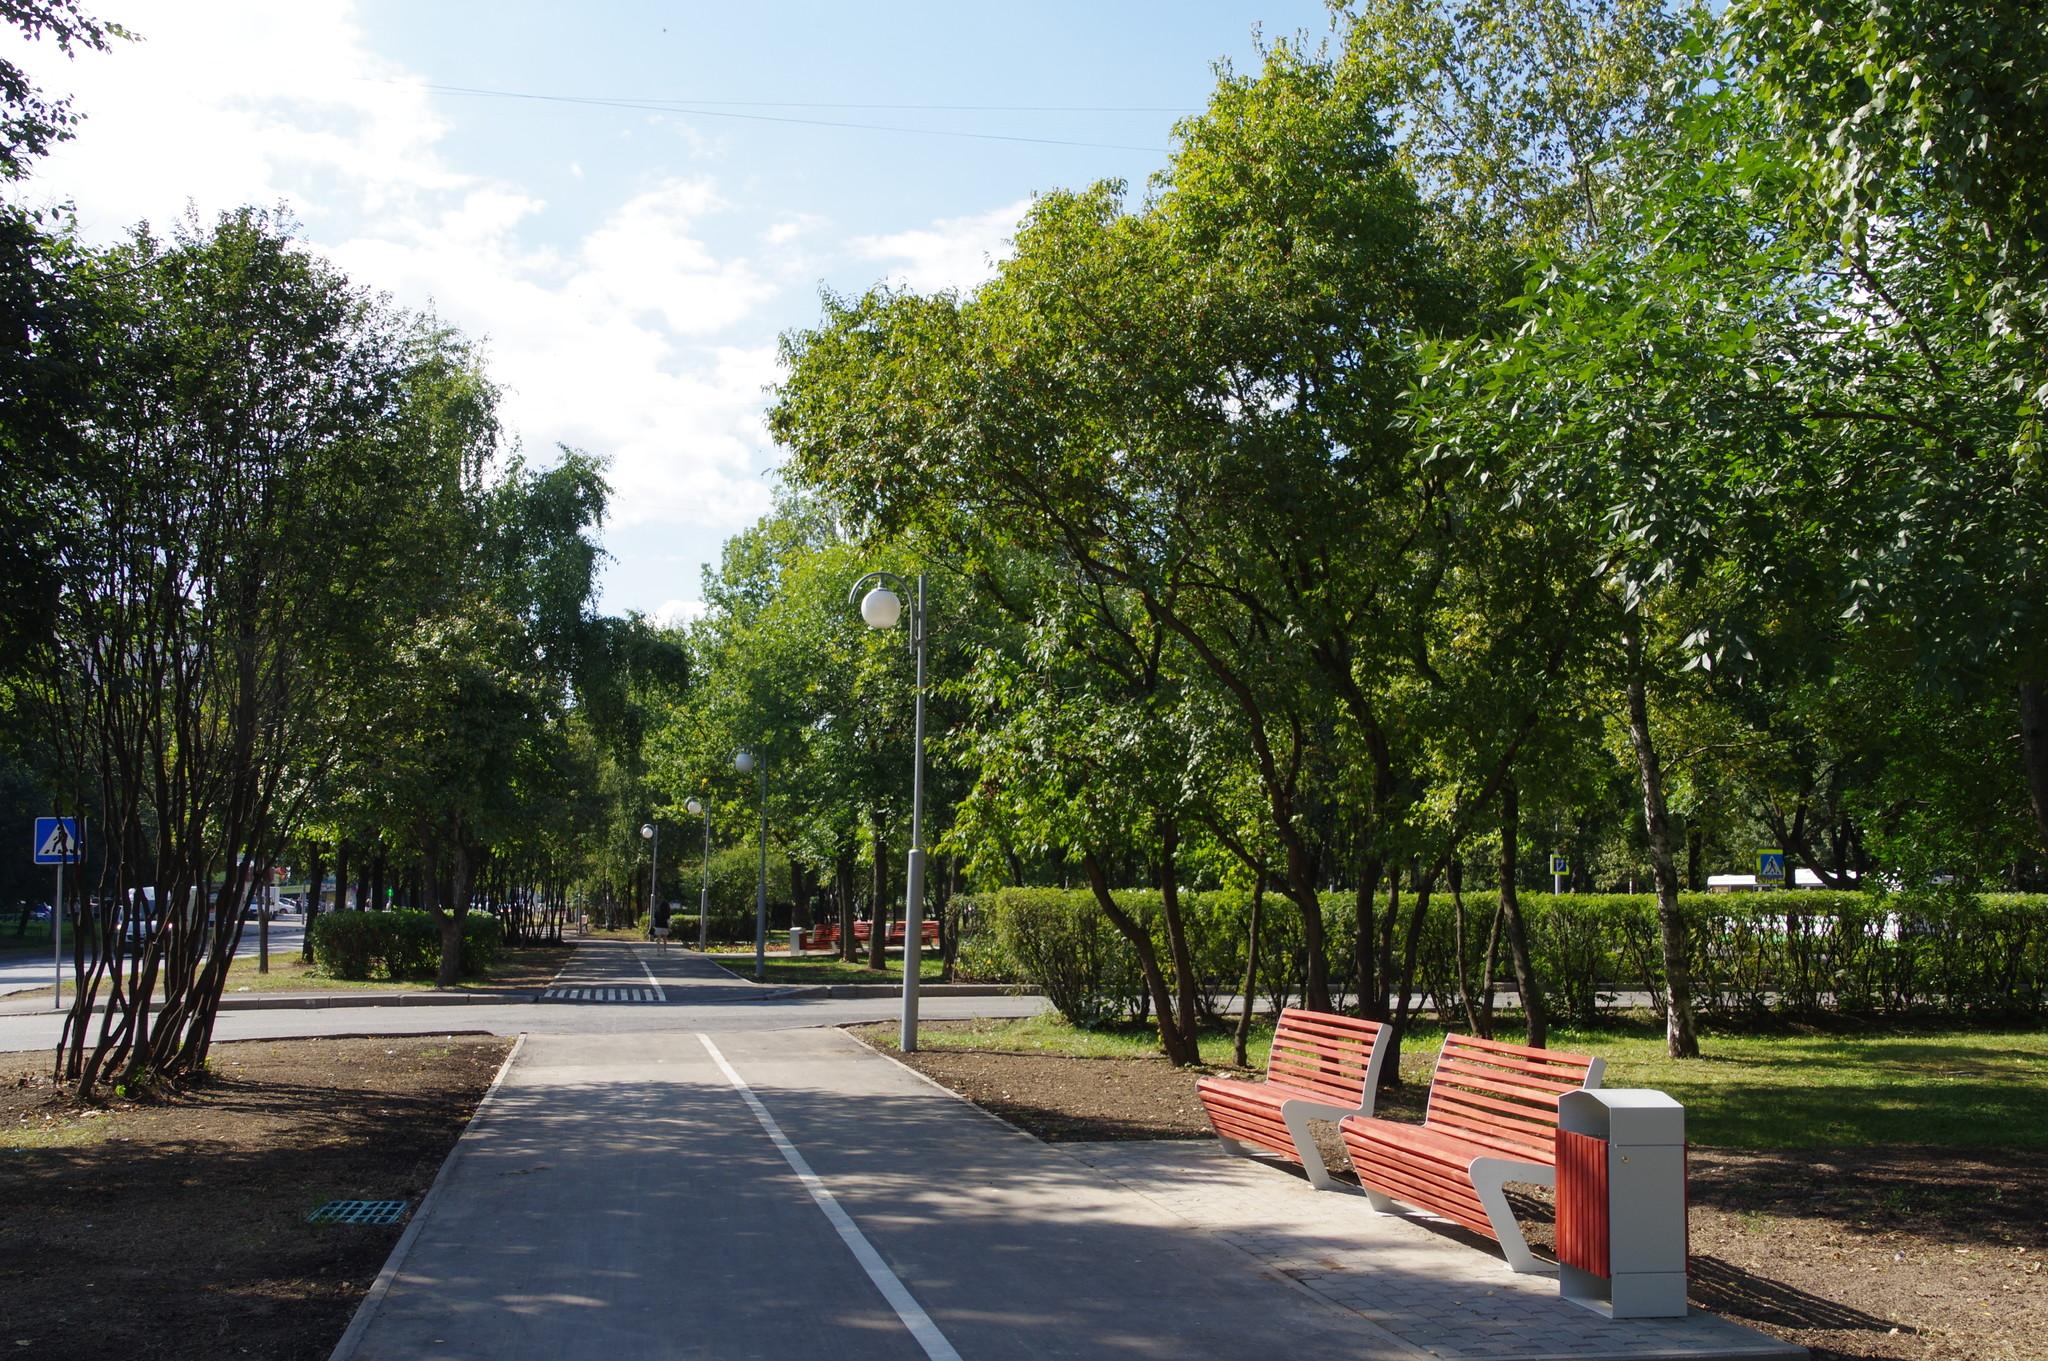 «Народной парк» на улице Череповецкая